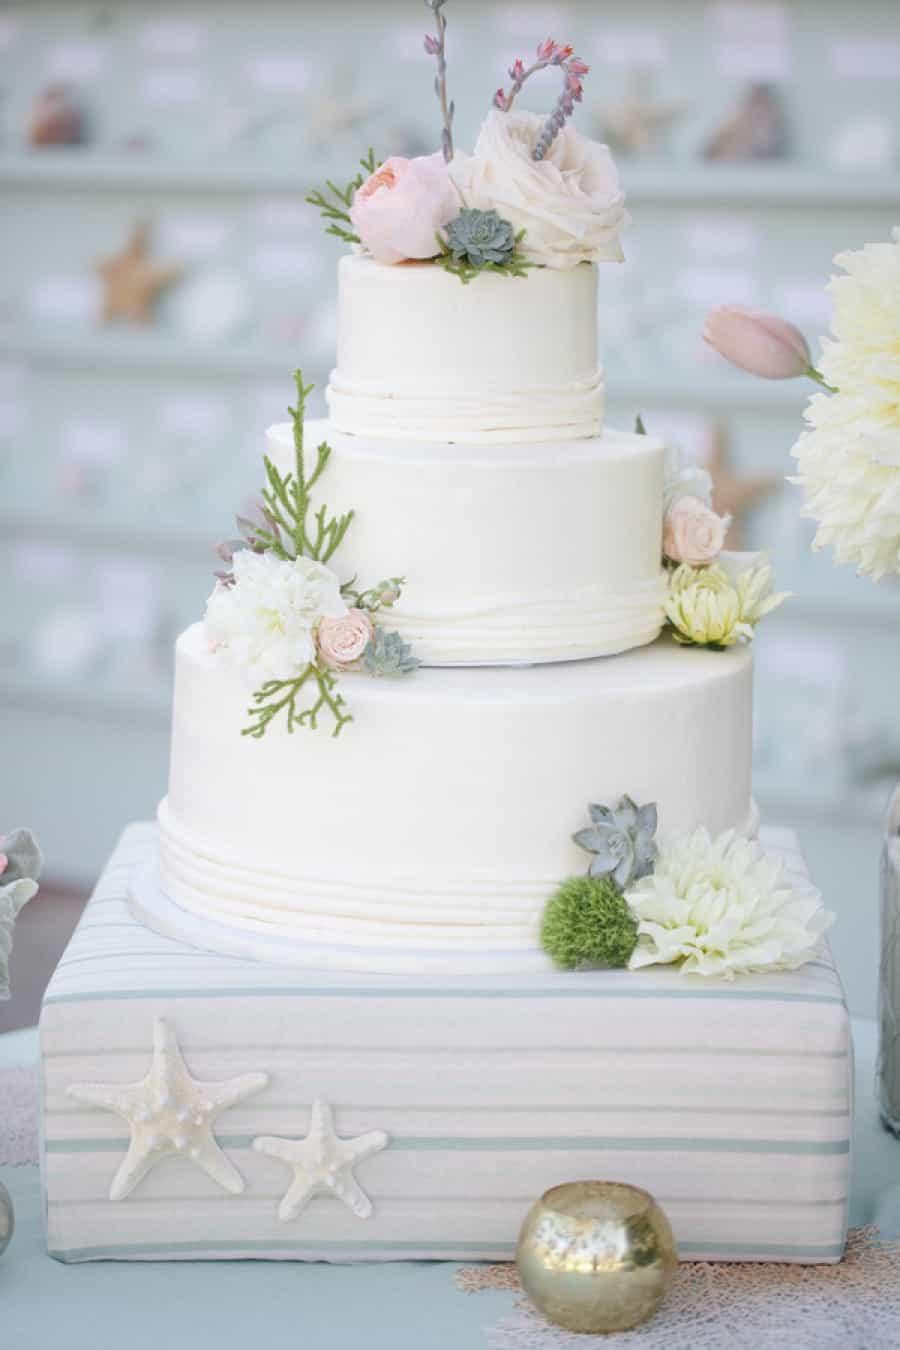 Elegant White Seaside Wedding Cakes (Image 6 of 13)